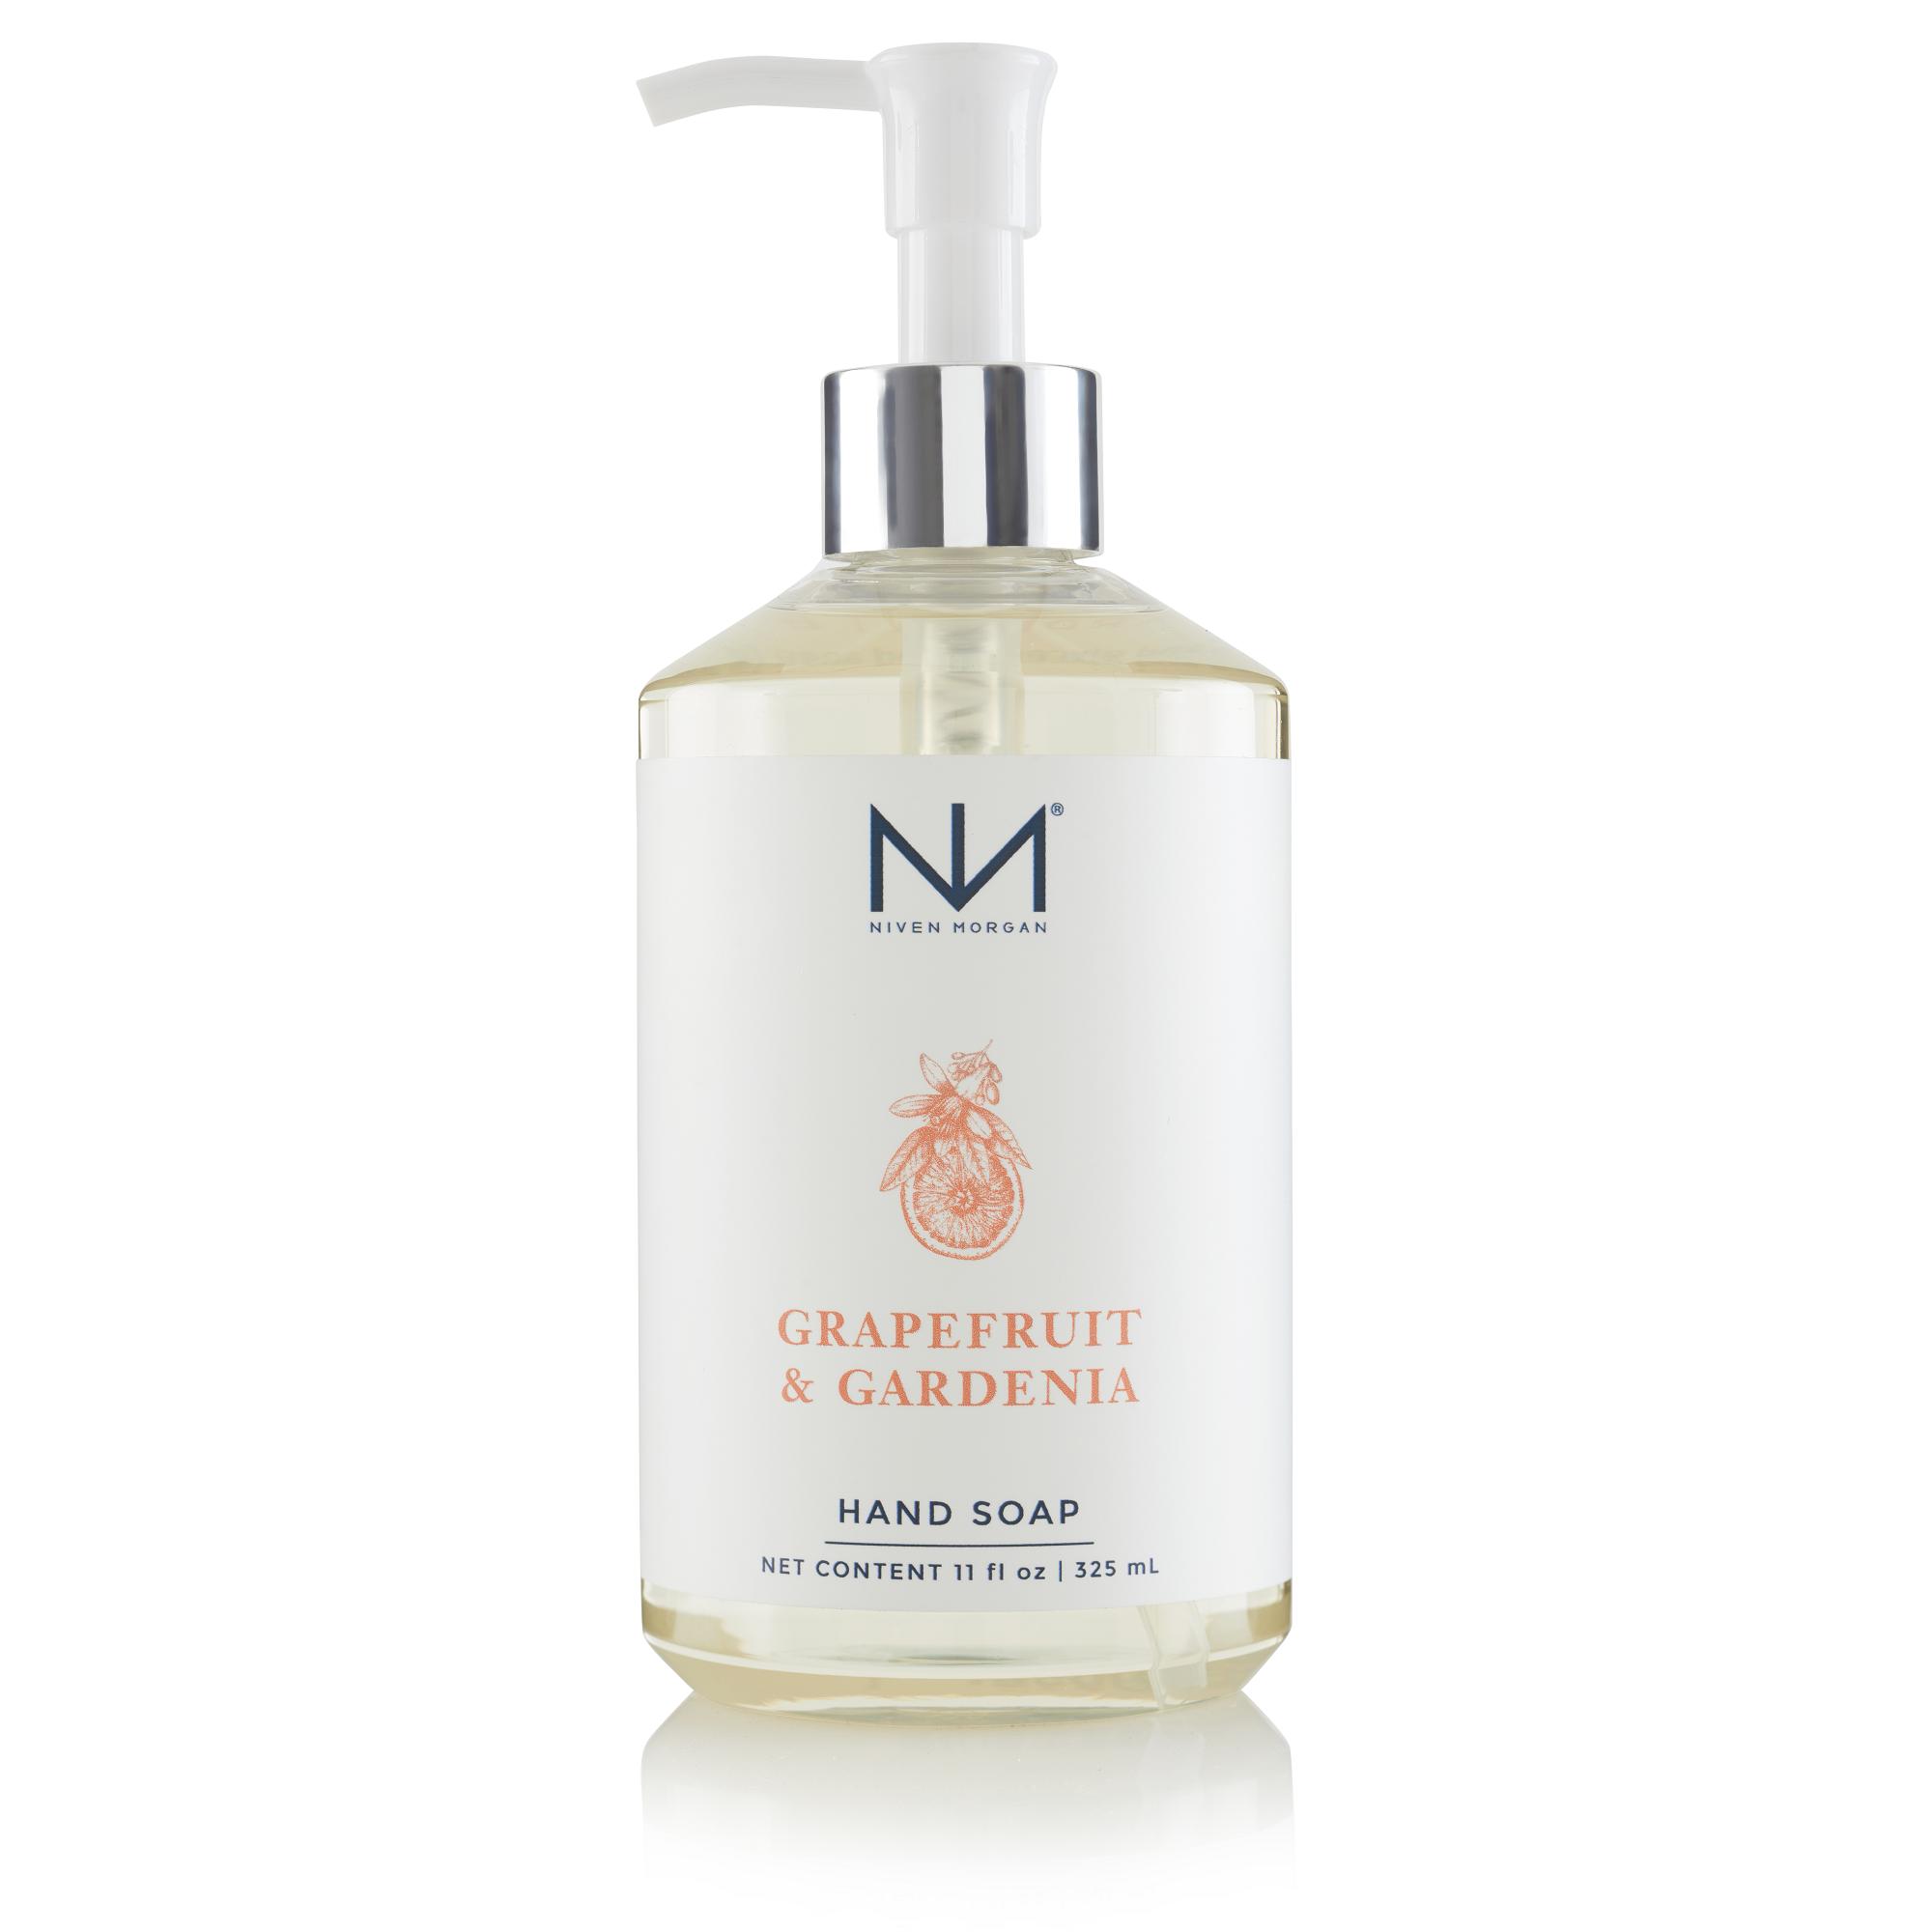 Niven Morgan Grapefruit & Gardenia Hand Soap 11oz